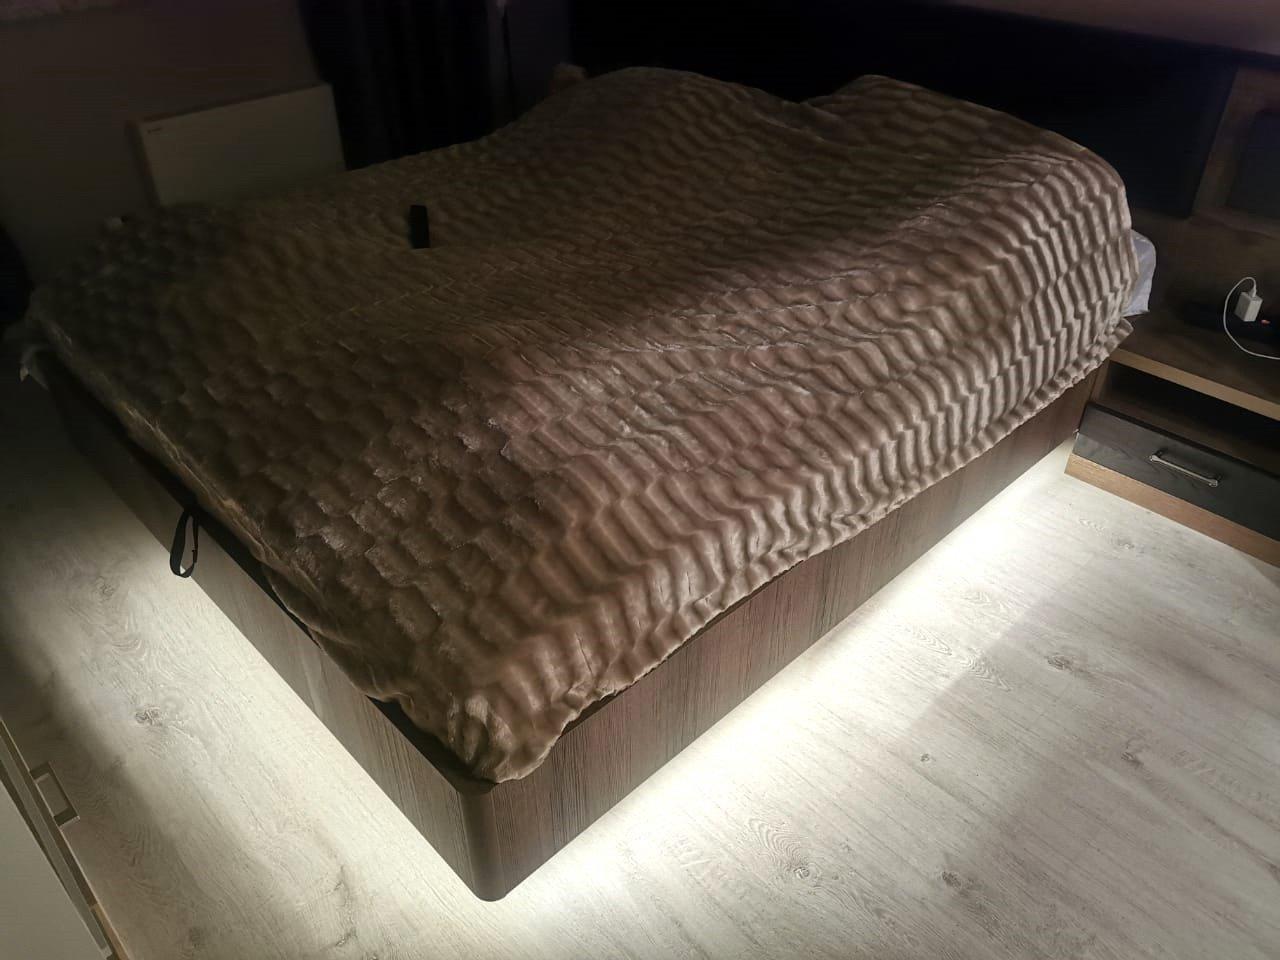 Подсветка двуспальной кровати с датчиком движения отзыв iqlux Сергей 13_02_20 фото